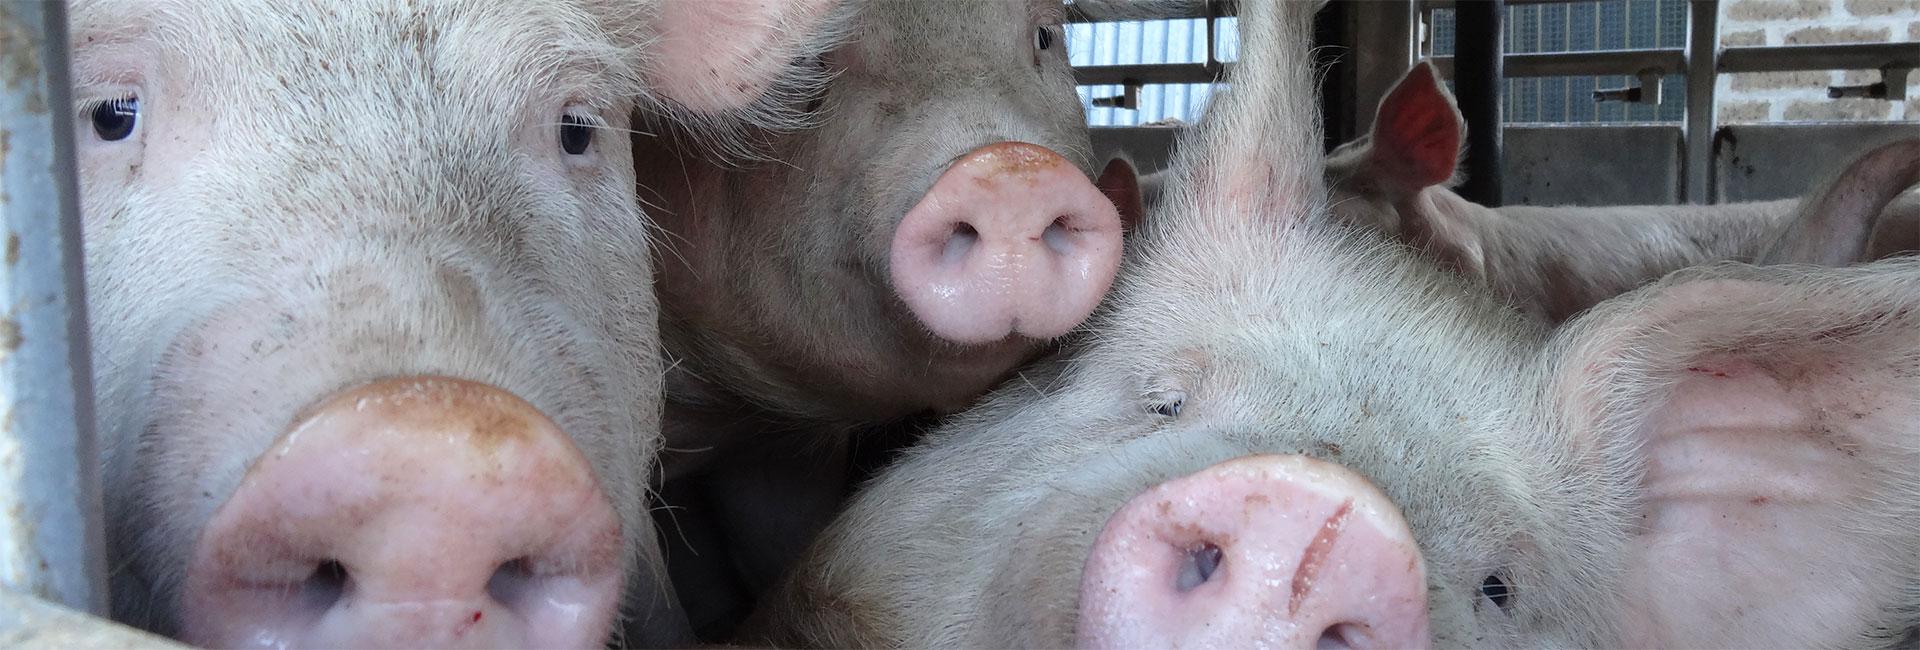 Schweine in einem Tiertransport